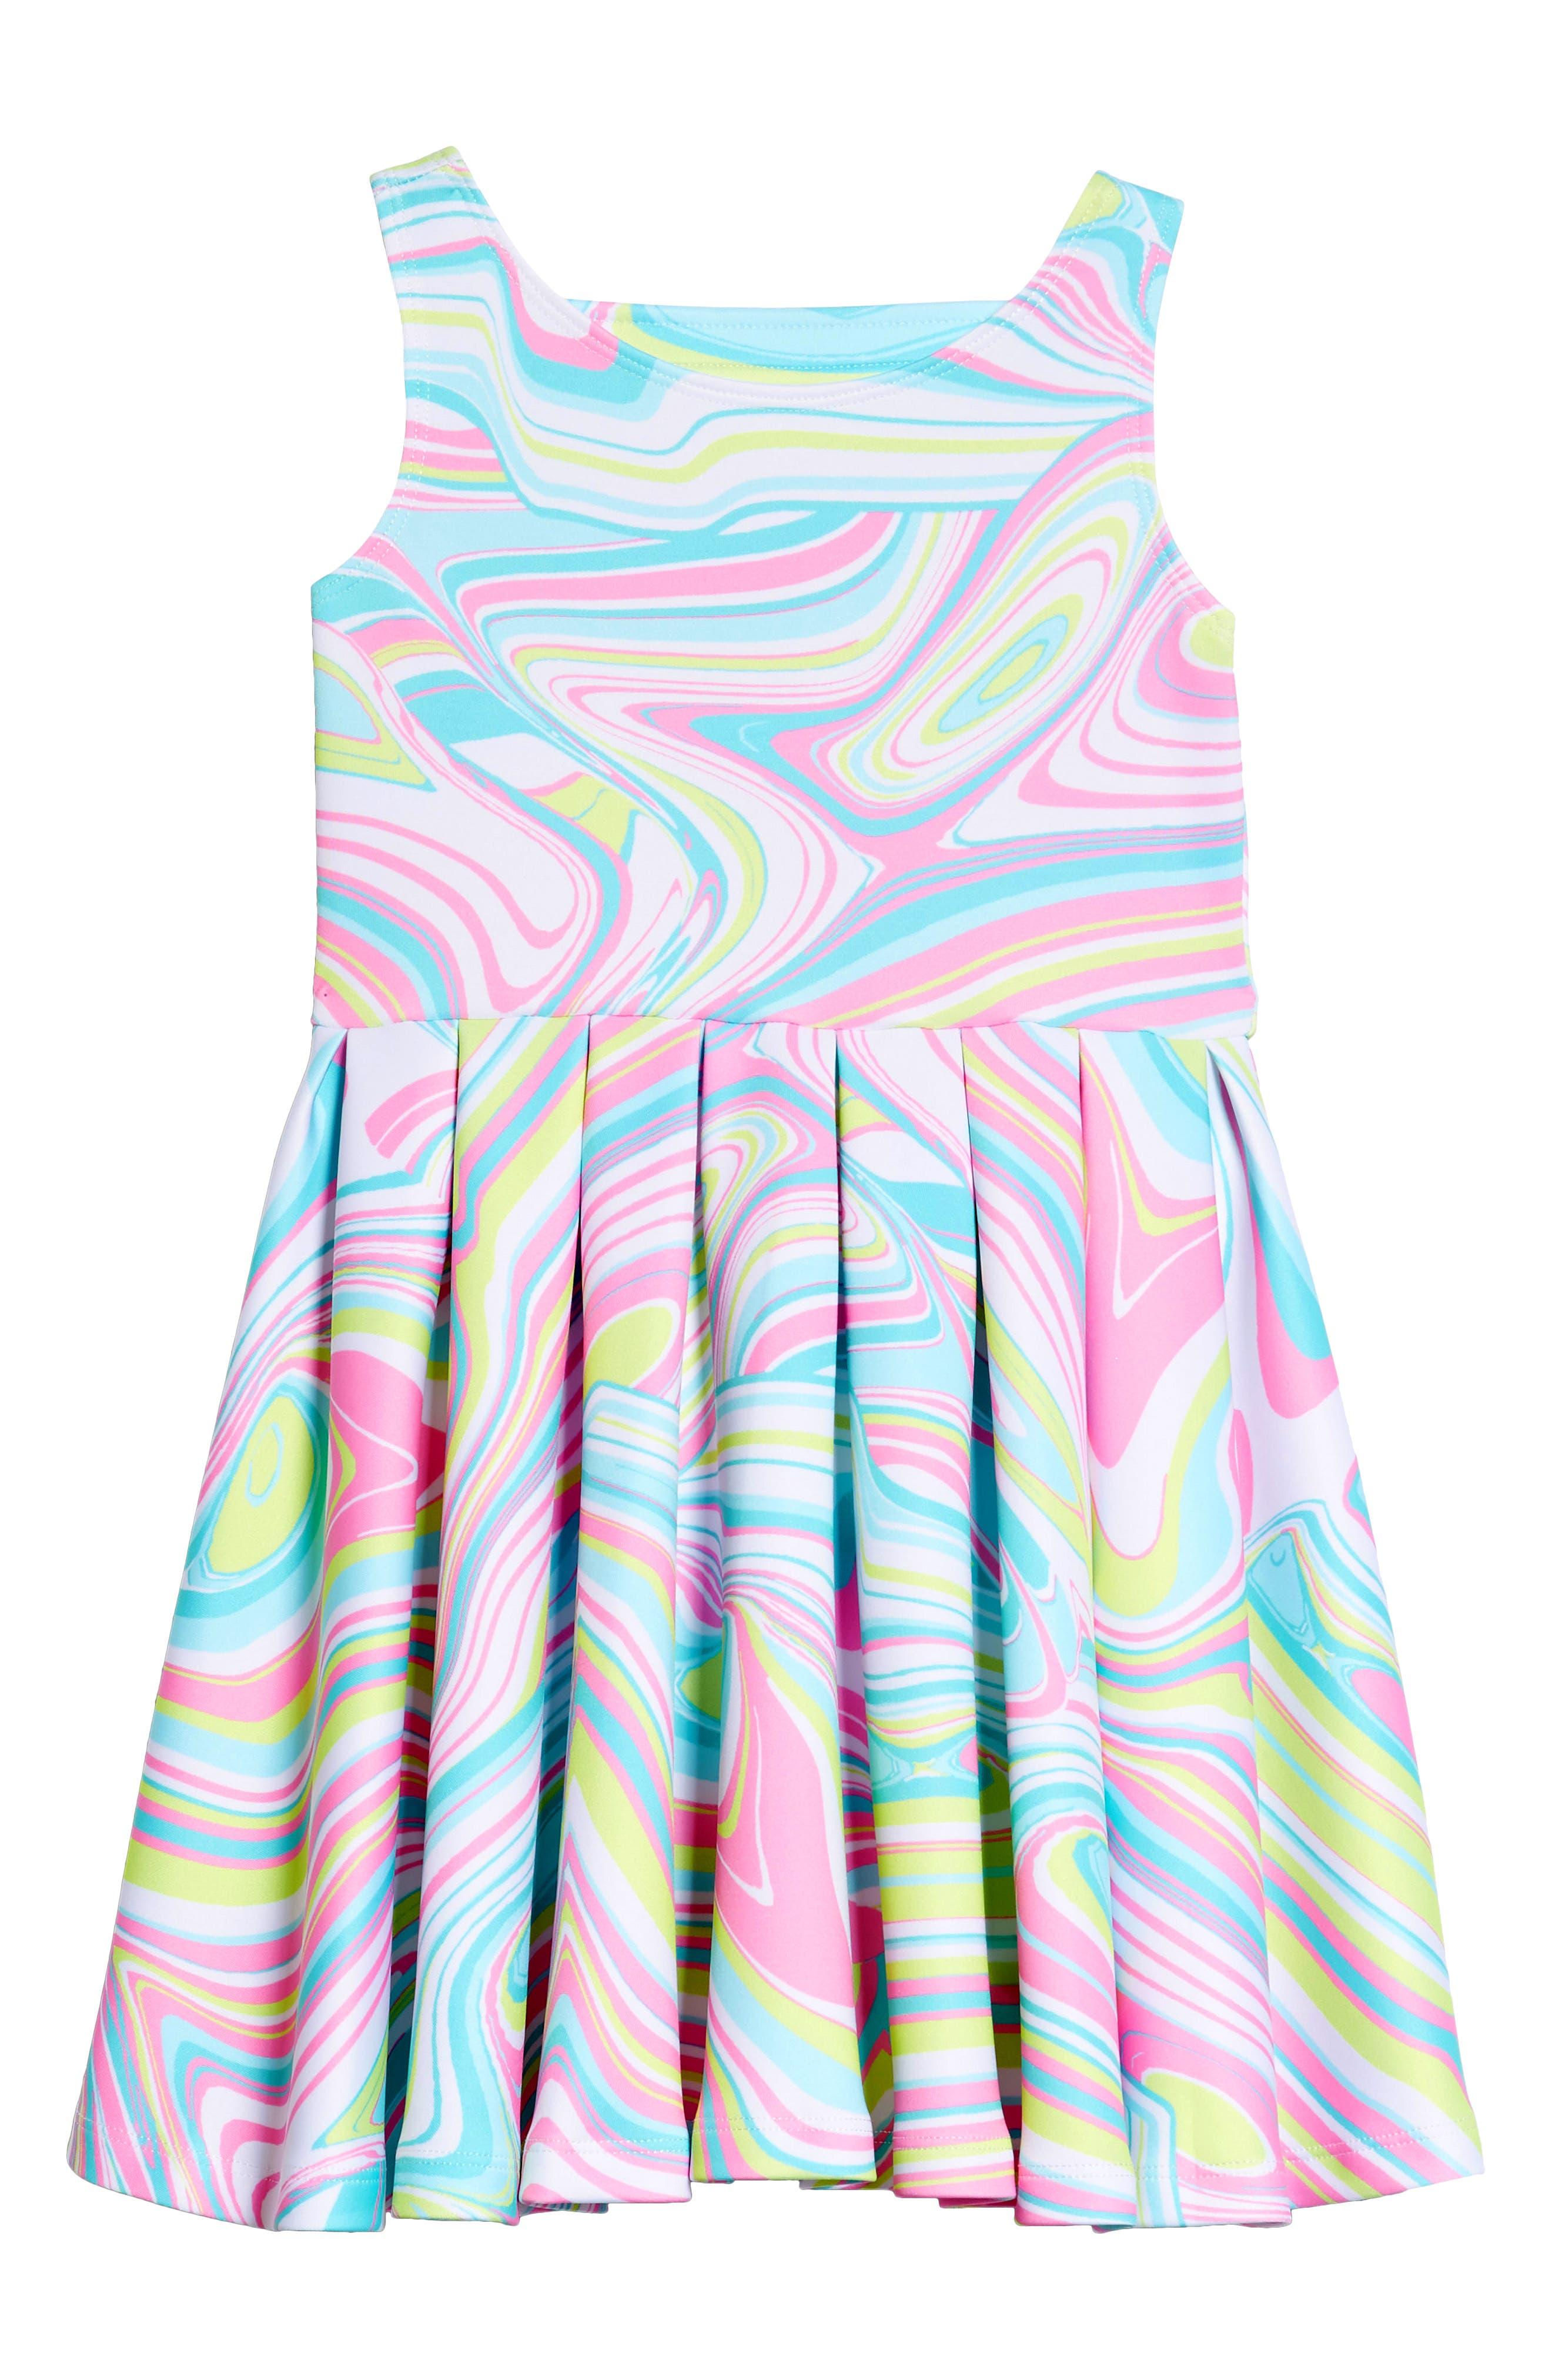 Scuba Skater Dress,                             Main thumbnail 1, color,                             Multi